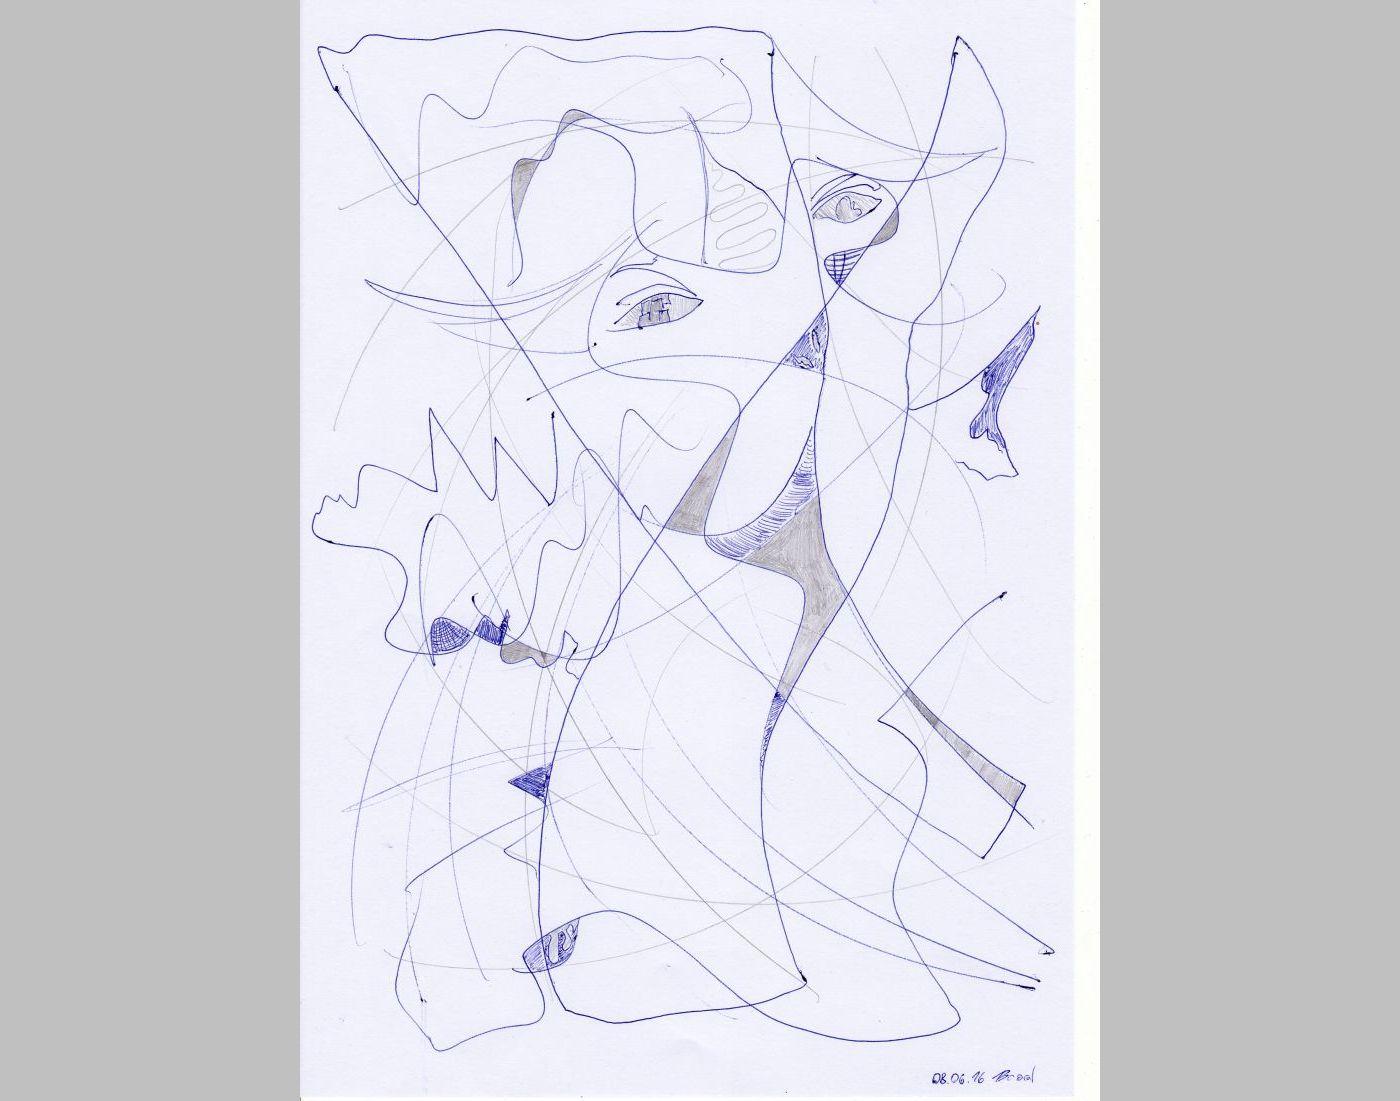 Zeichnung (08.06.16, 21 x 29,7 cm, A4)